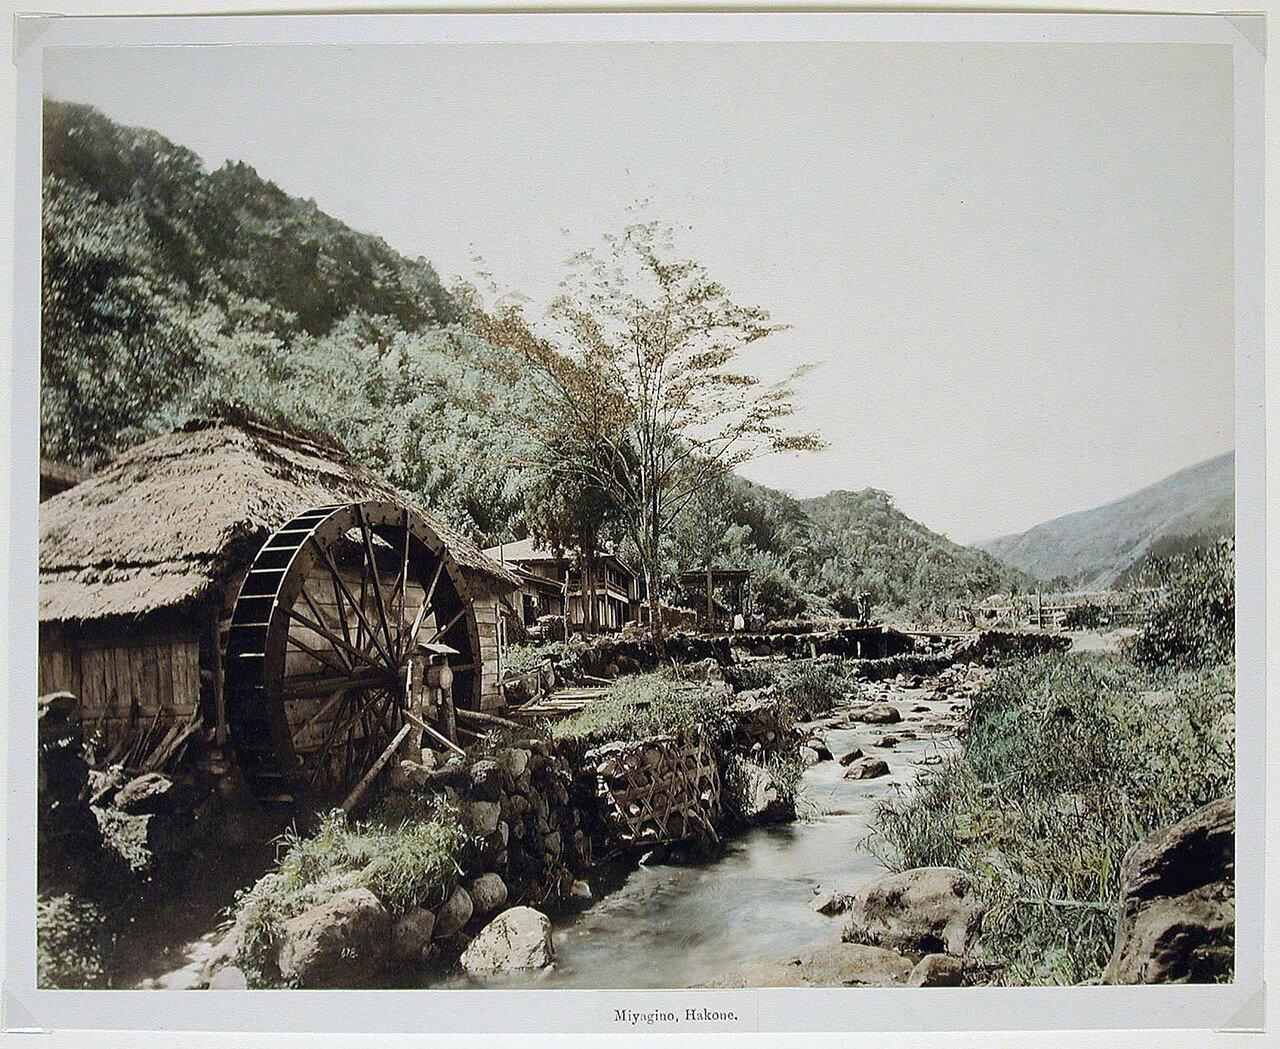 Хаконэ. Миягино. 1880